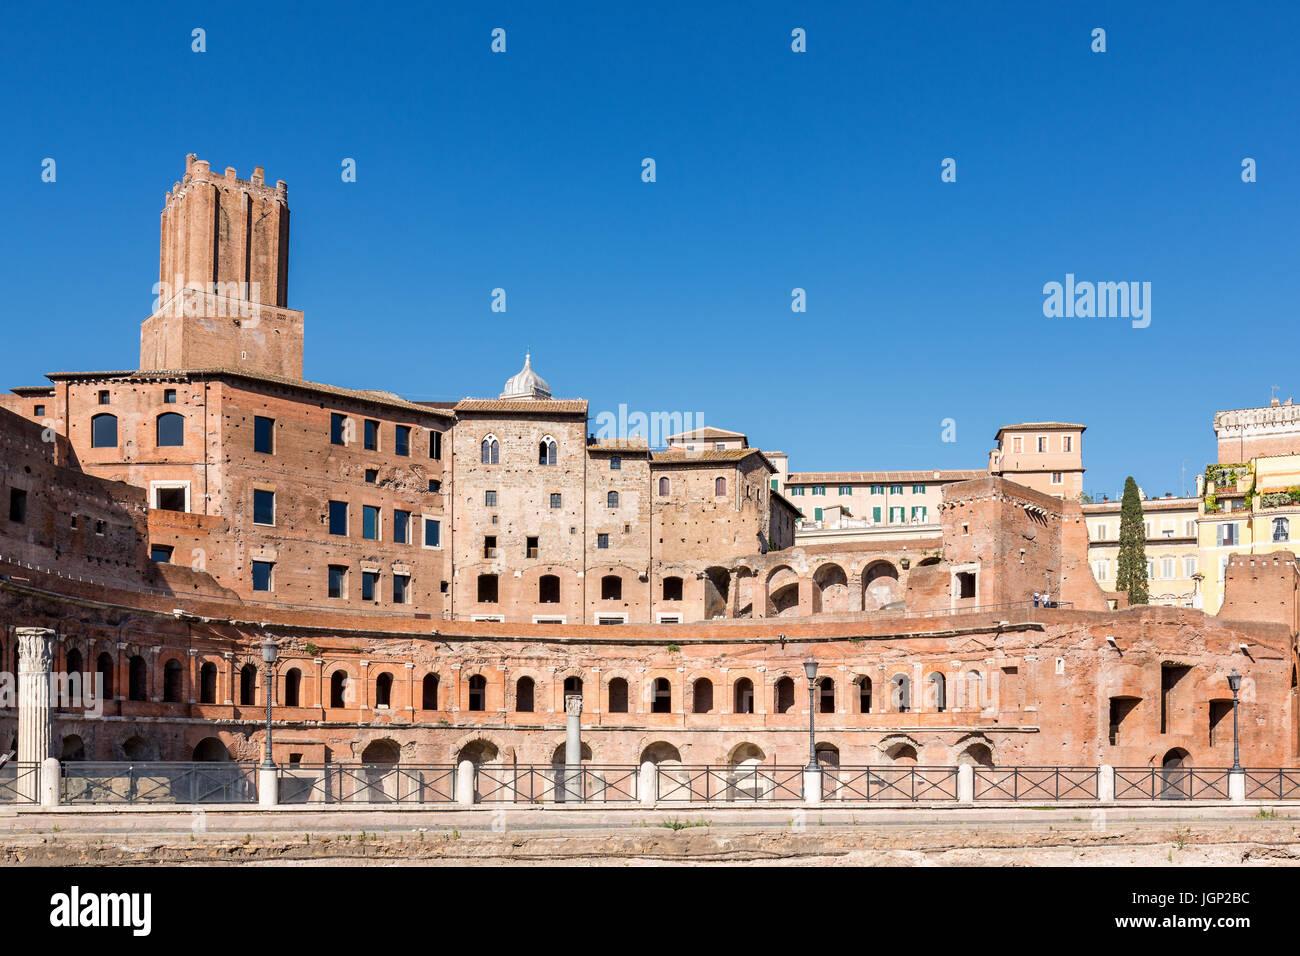 Archbasilica de San Juan de Letrán (Arcibasilica Papale di San Giovanni in Laterano), Roma, Lazio, Italia Imagen De Stock